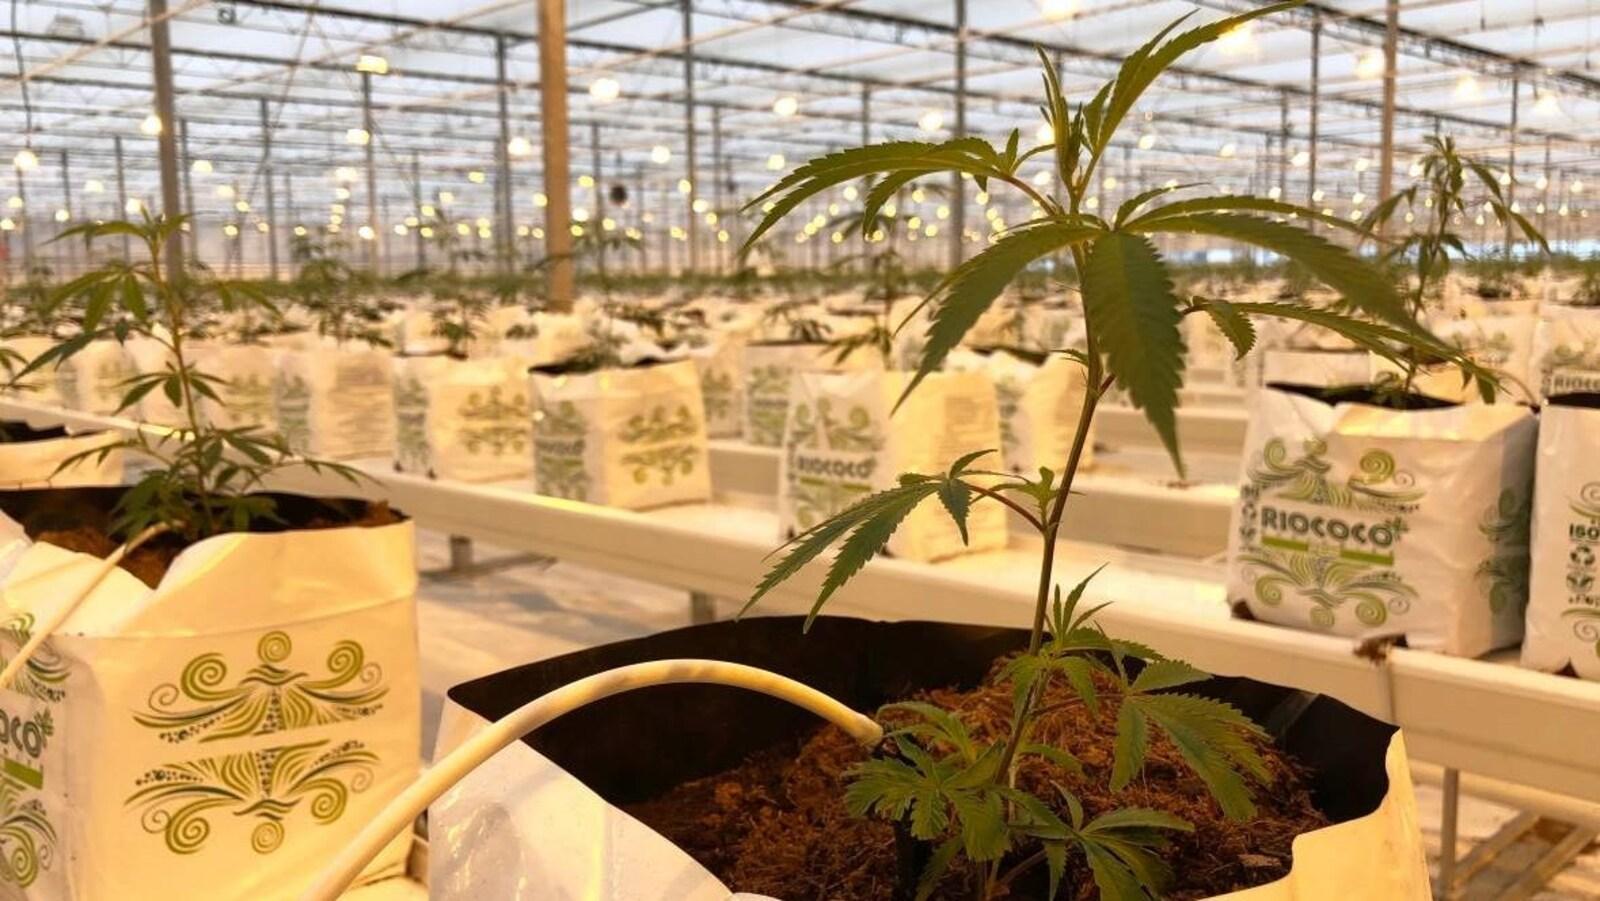 Des plants de cannabis dans une serre